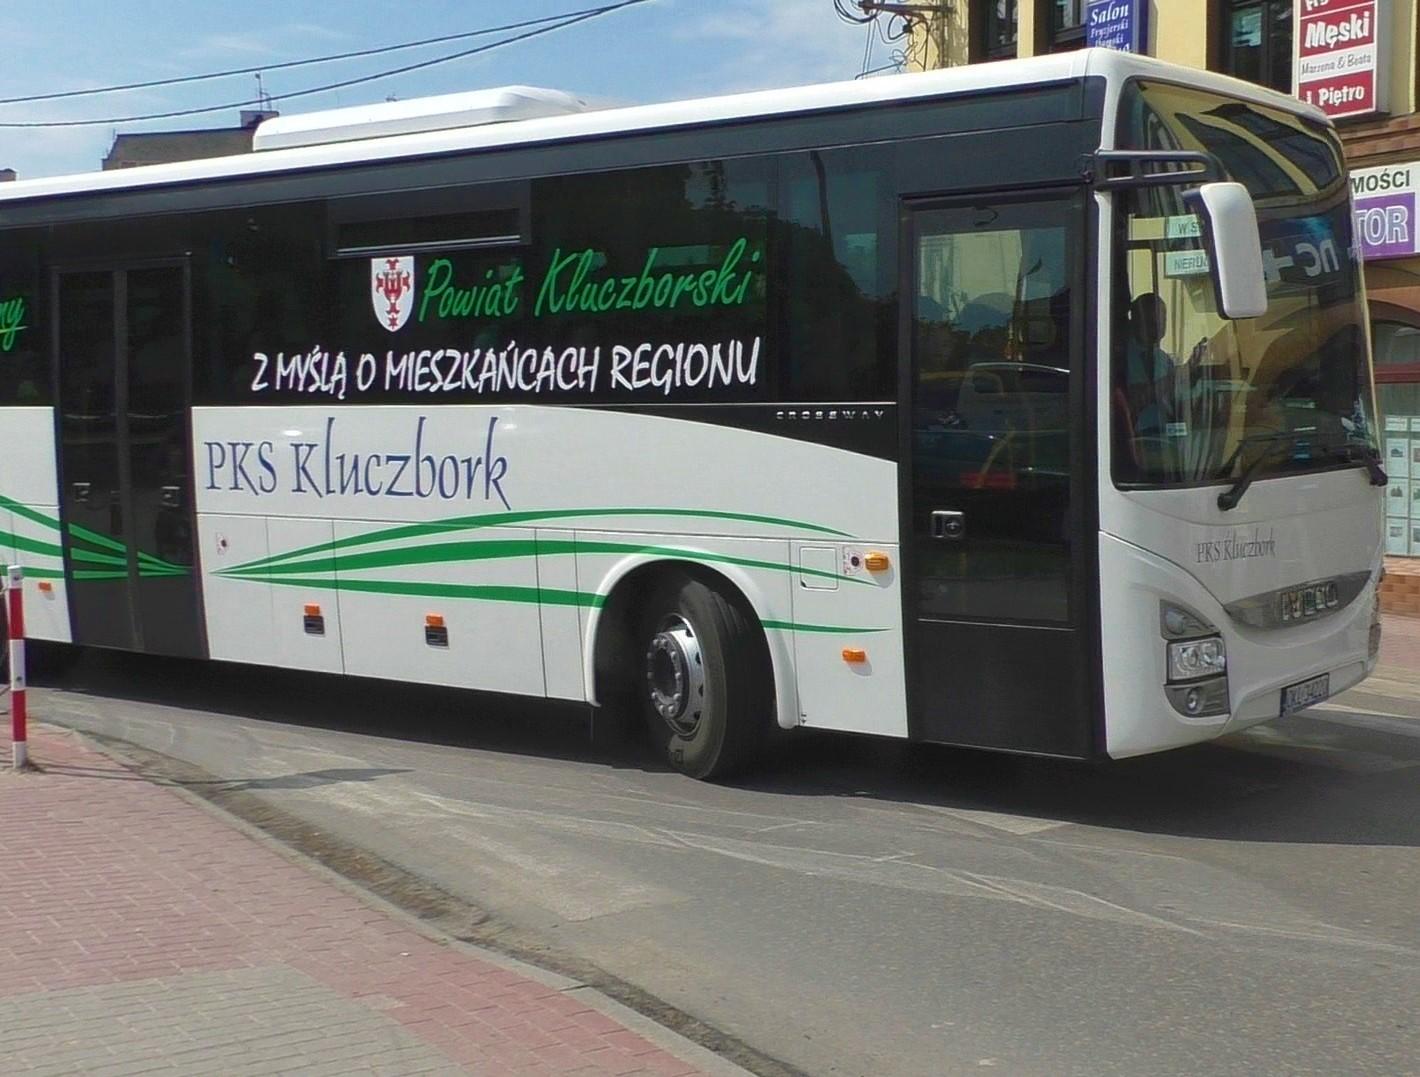 Zdjęcie ekologicznego autobusu